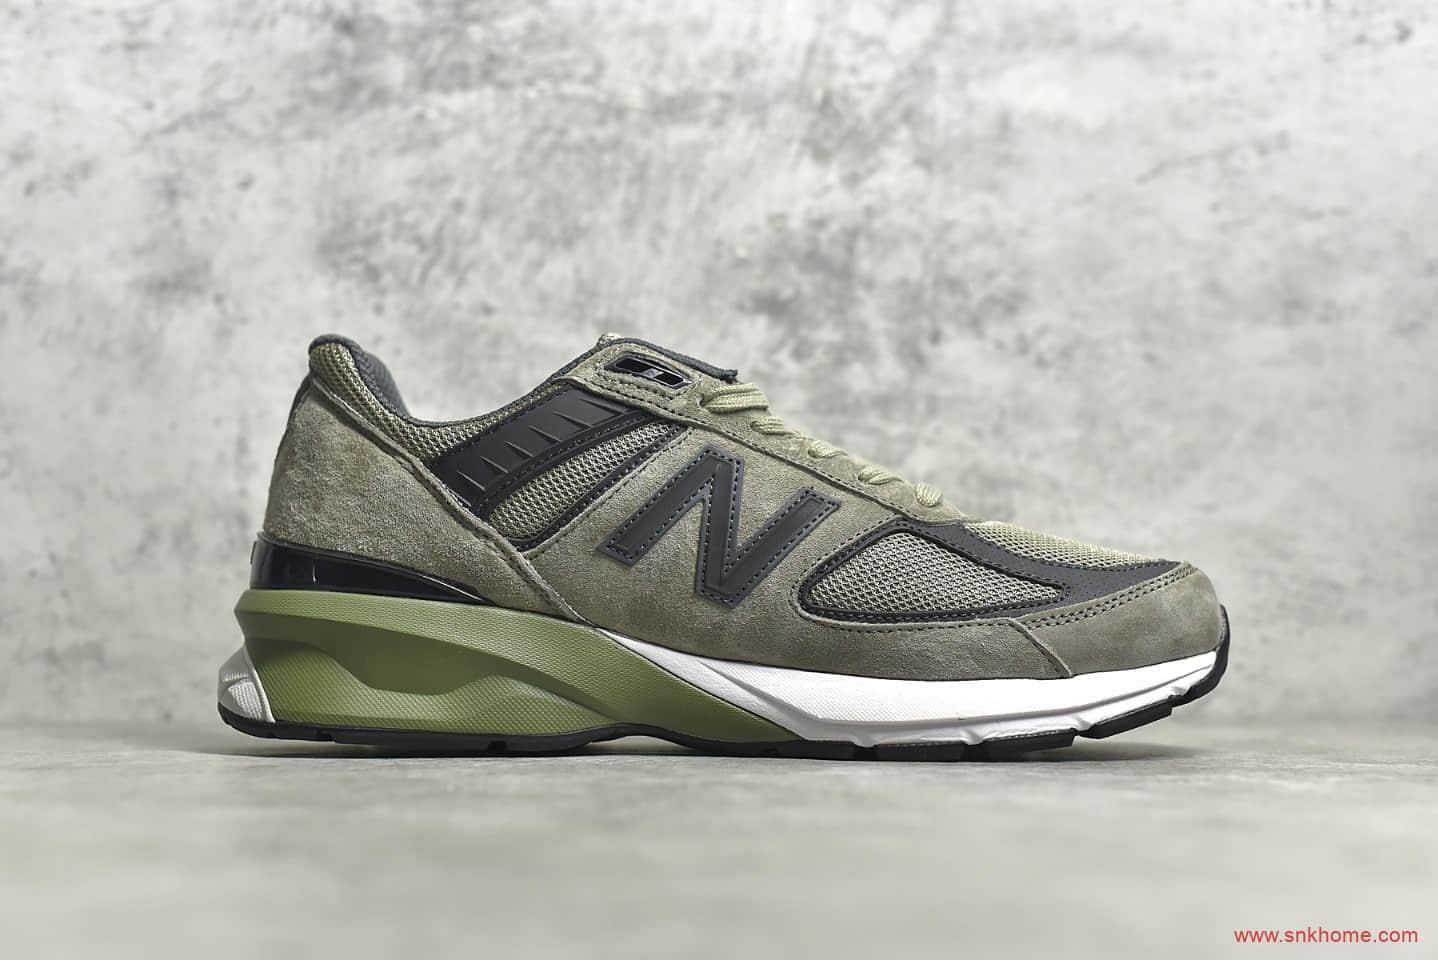 新百伦NBM990V5橄榄绿 NEW BALANCE M990V5 新百伦猪八皮革5代复古跑鞋-潮流者之家